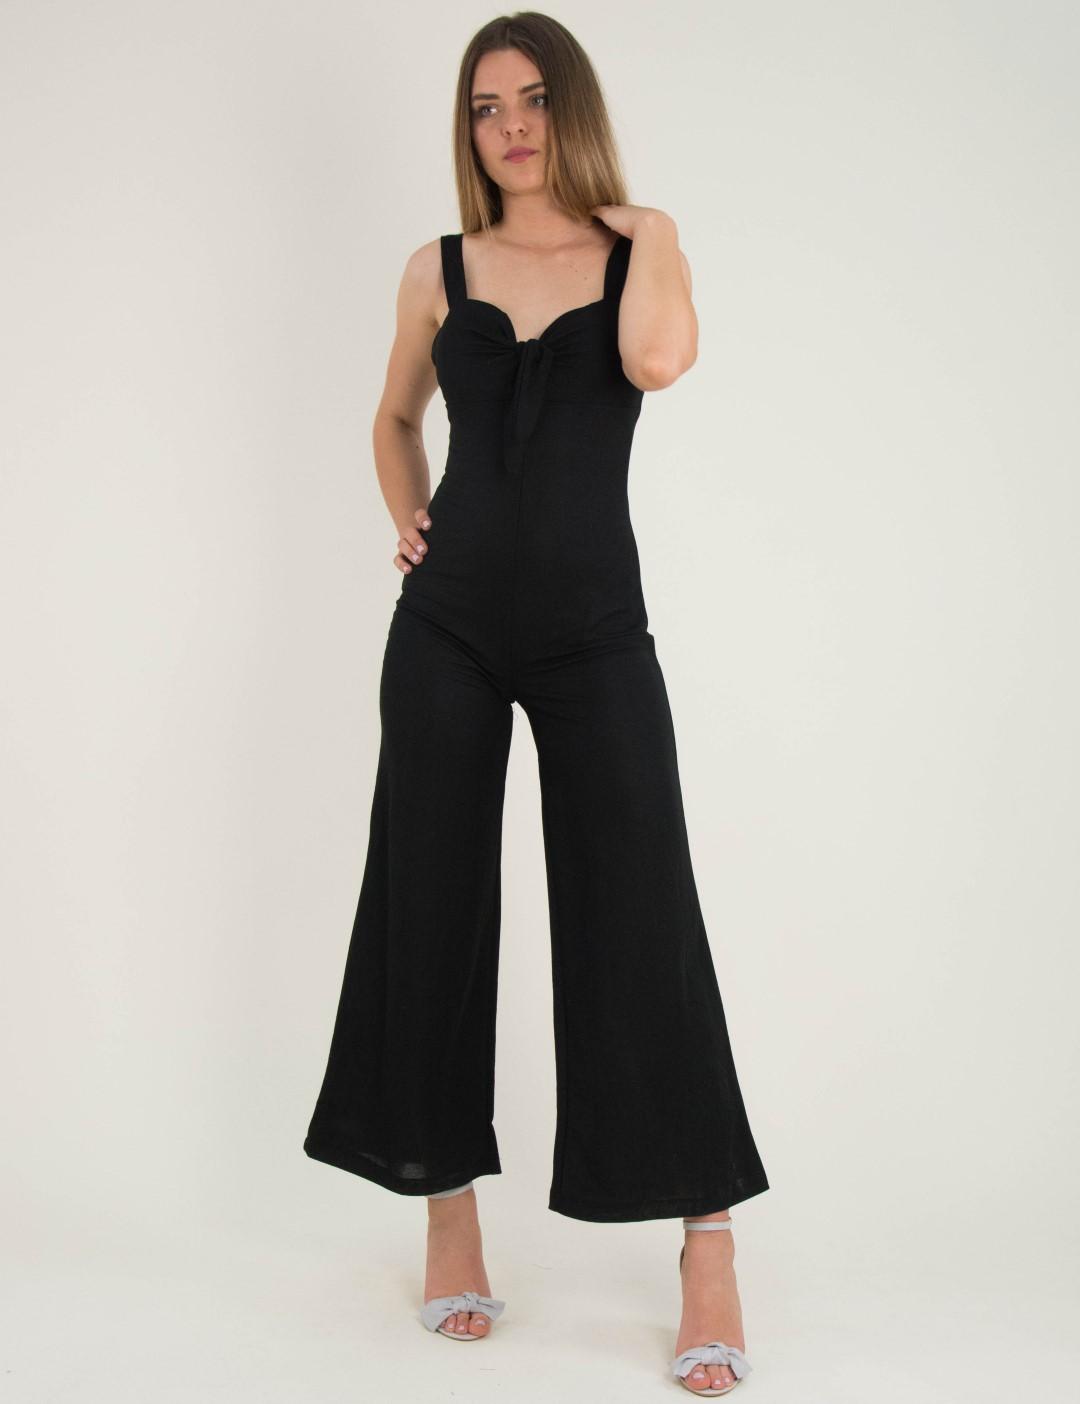 7a510b84cd6 Γυναικεία μαύρη ολόσωμη φόρμα με κόμπο στο στήθος 3998